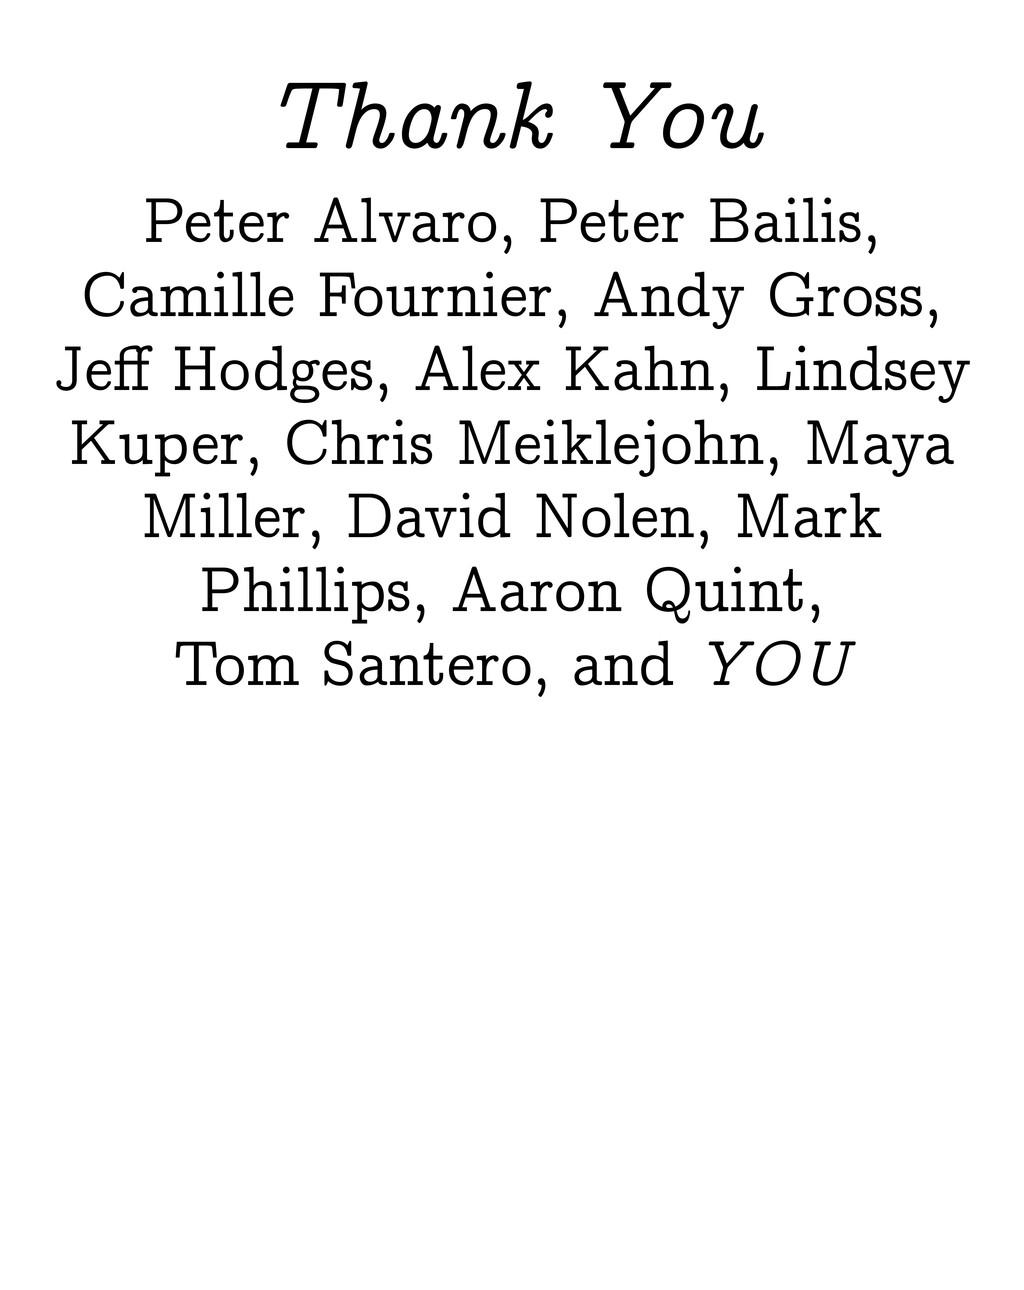 Peter Alvaro, Peter Bailis, Camille Fournier, A...